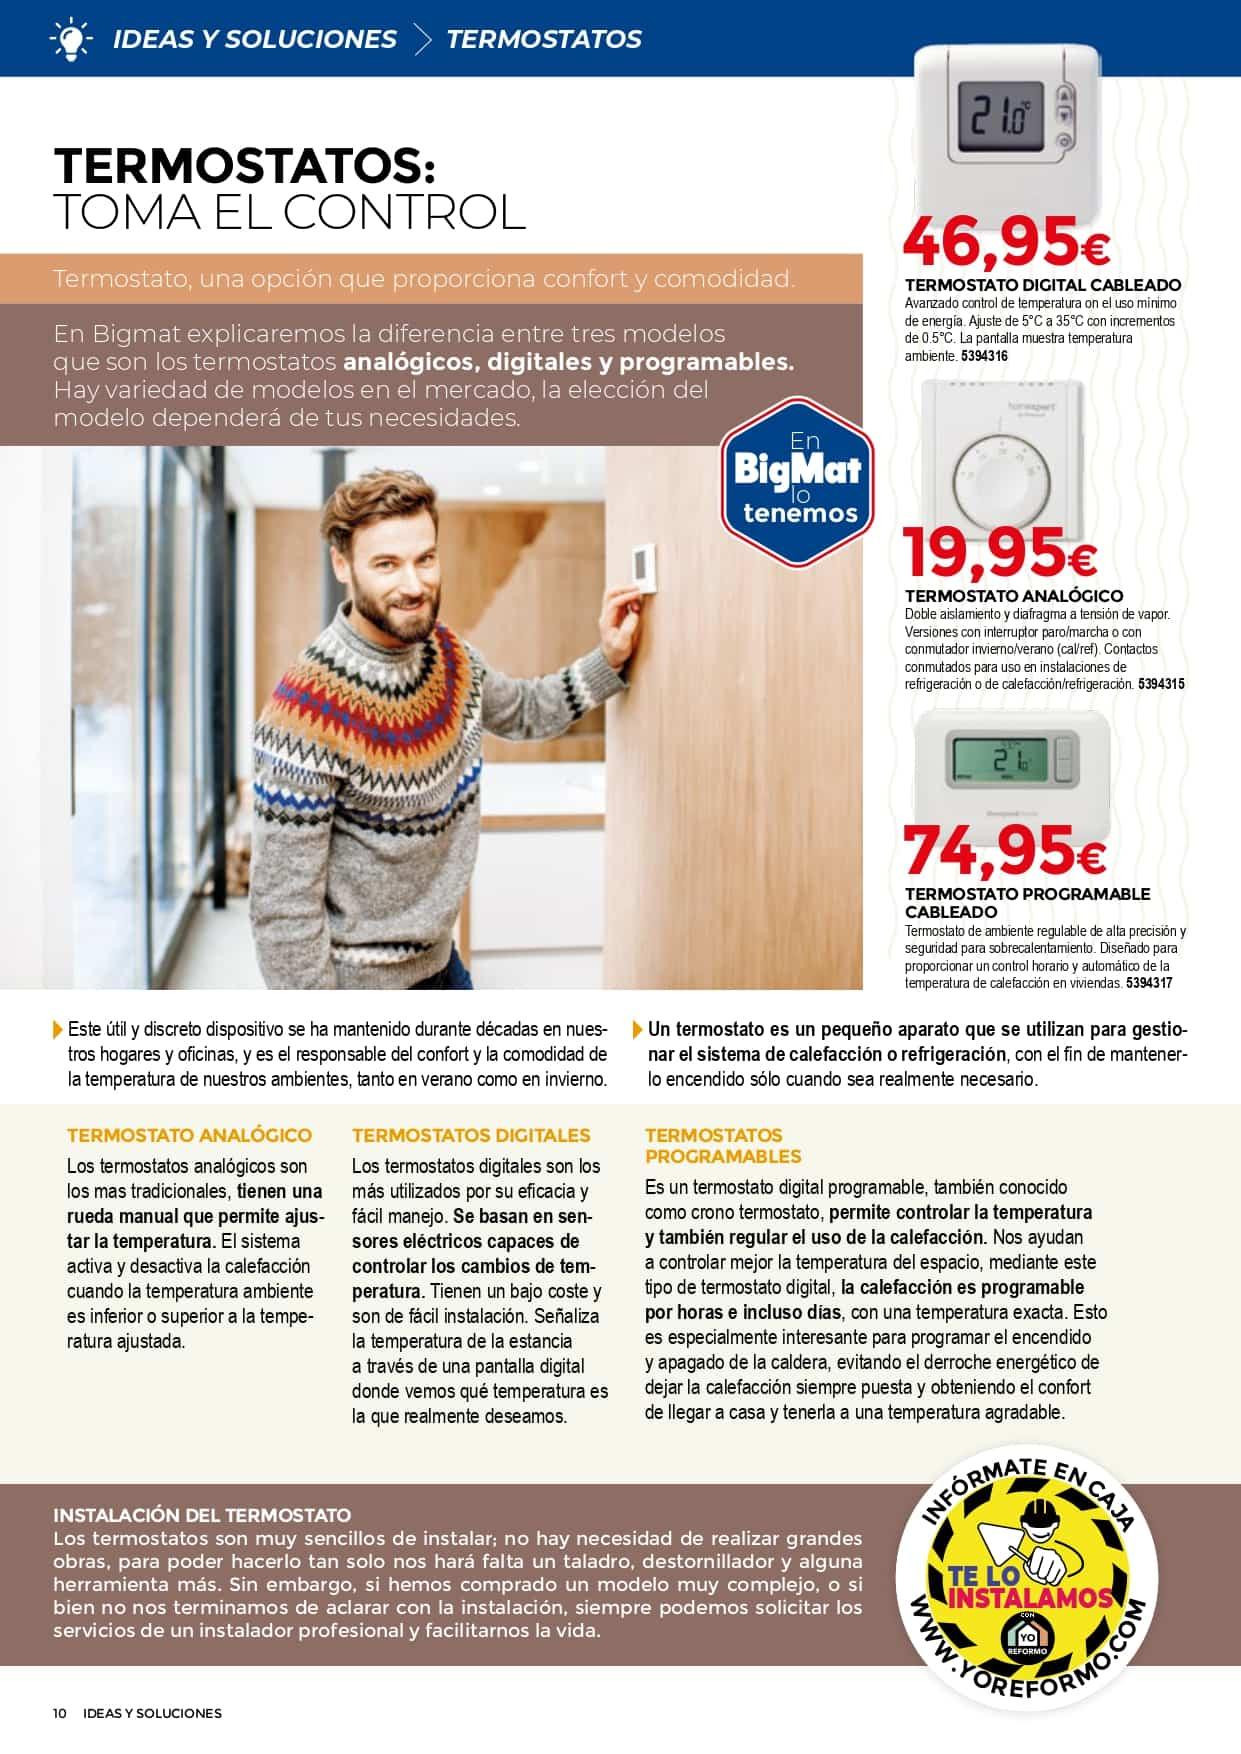 Ideas para elegir el termostato más adecuado para mi hogar 42